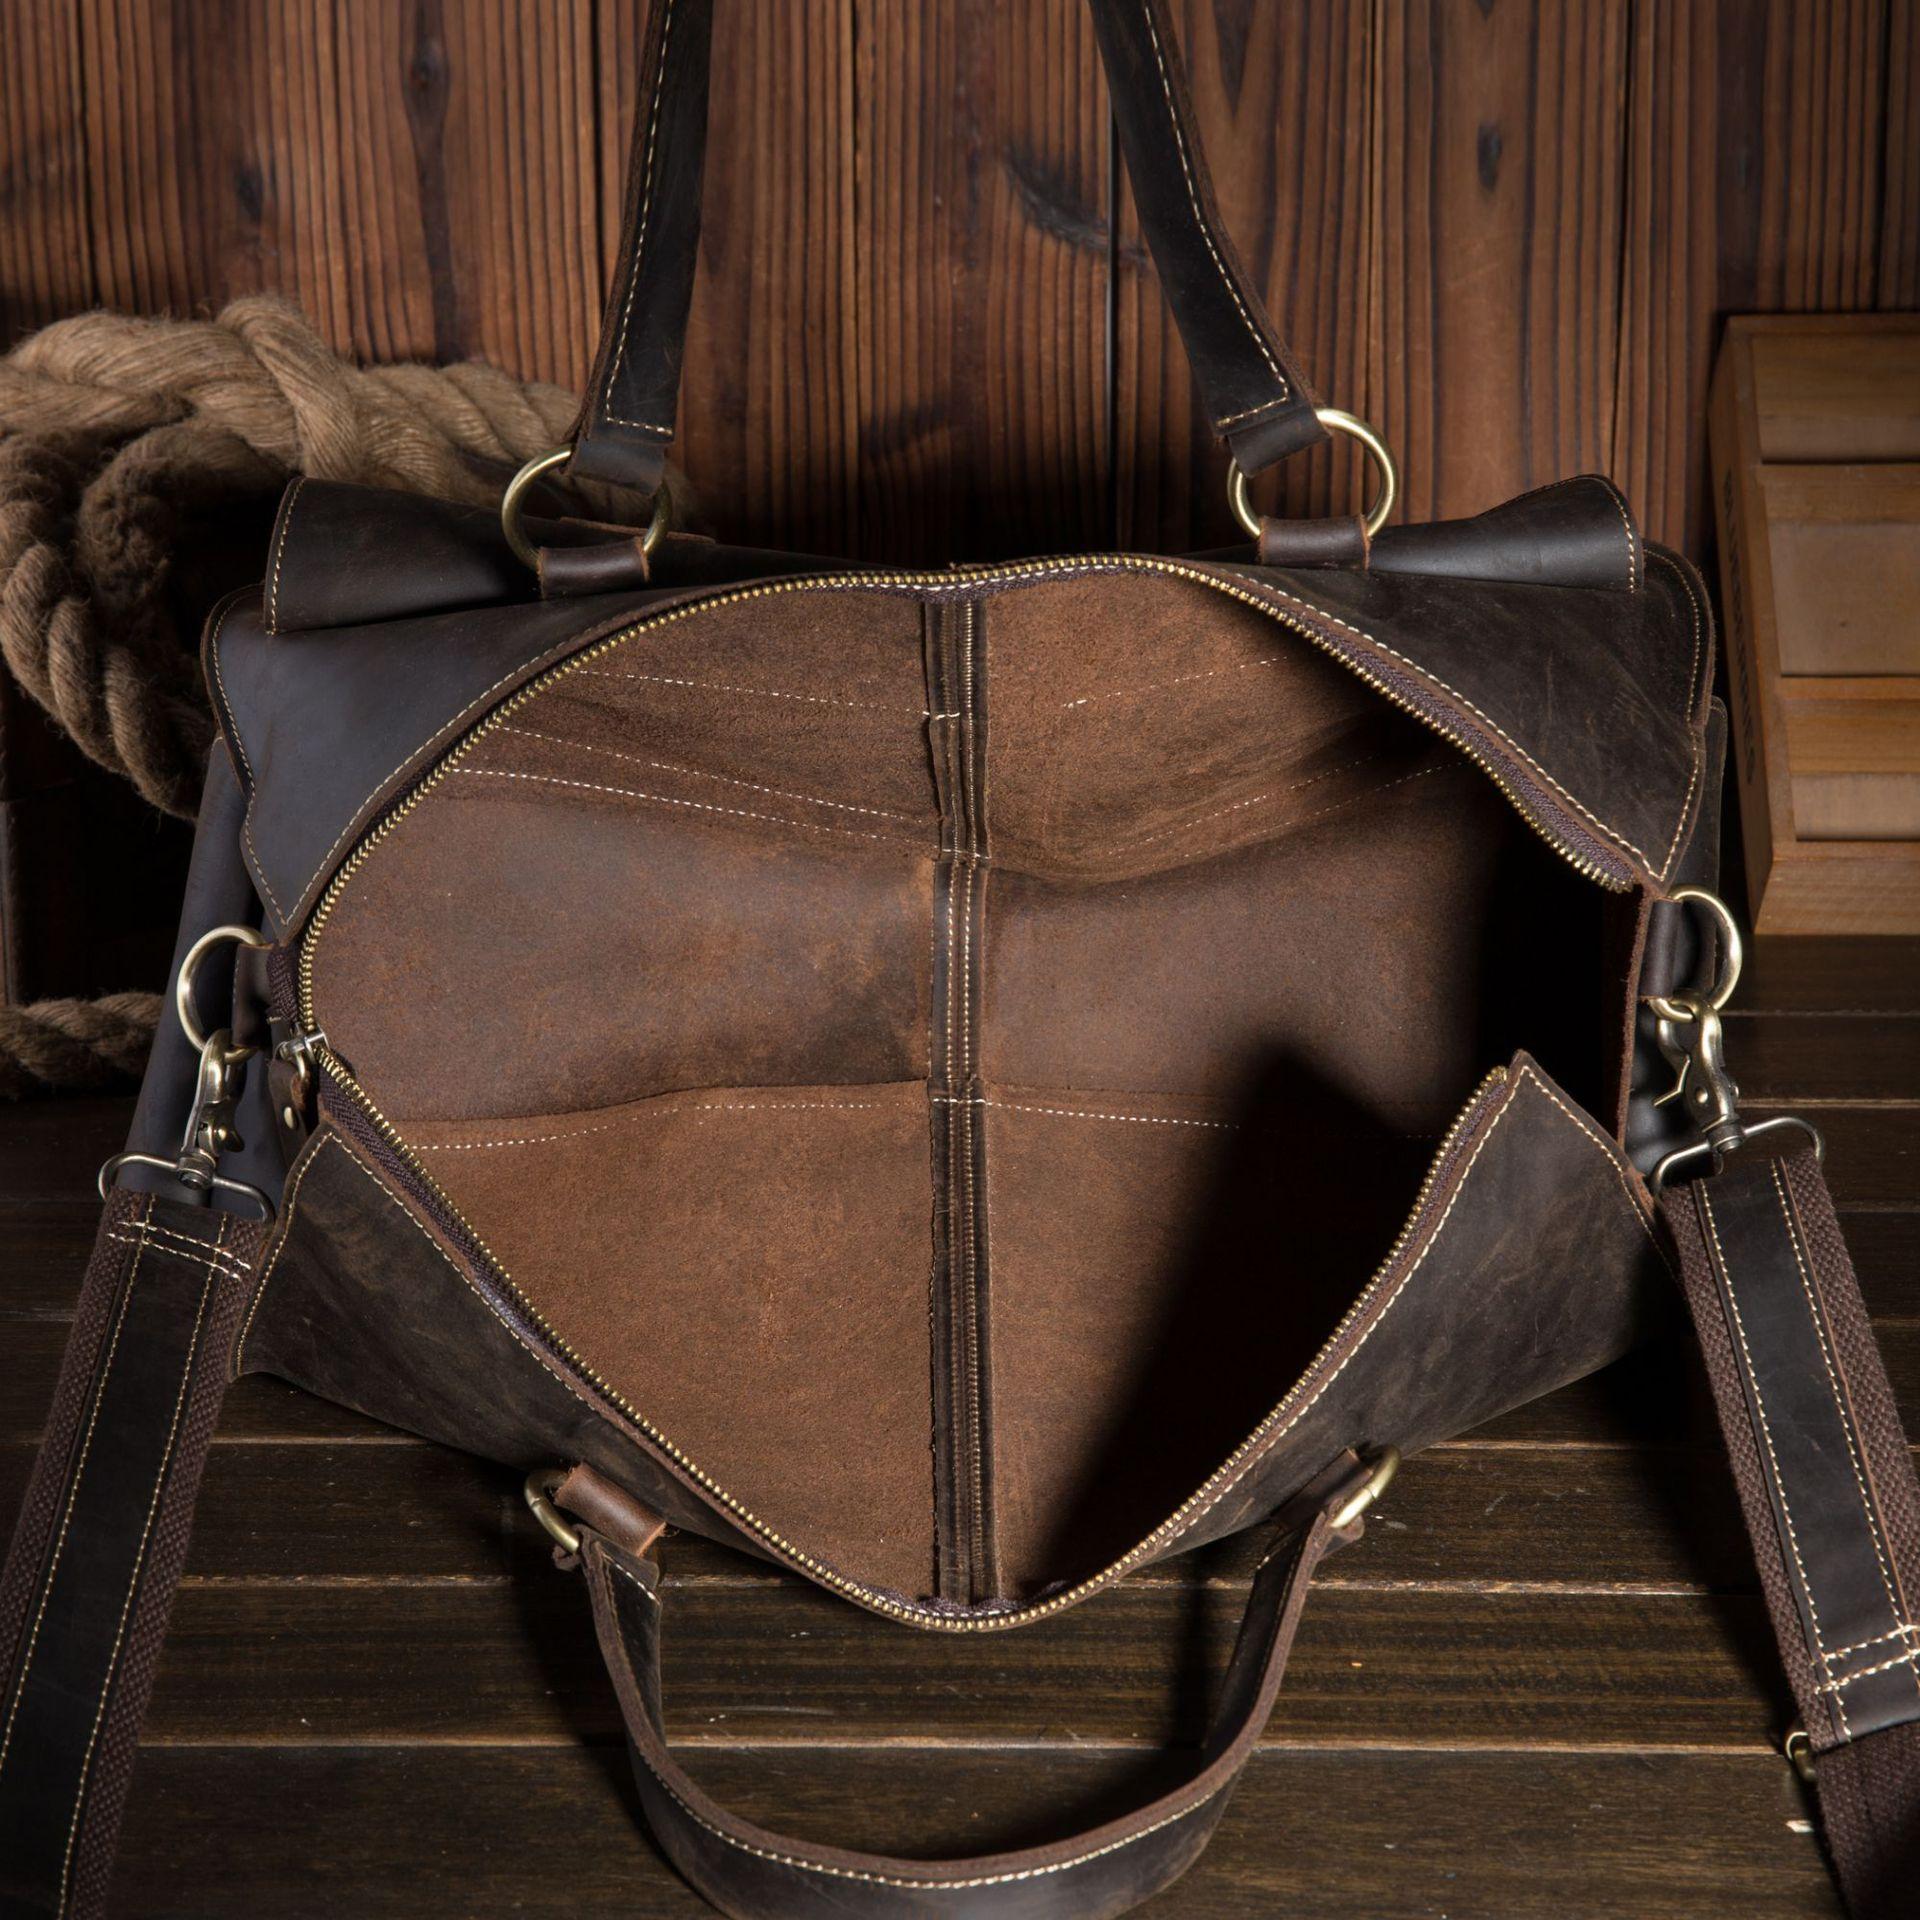 Neweekend дорожная большая сумка для мужчин, повседневный чемодан, ручная сумка из натуральной кожи для бизнеса, качественная сумка через плечо - 6